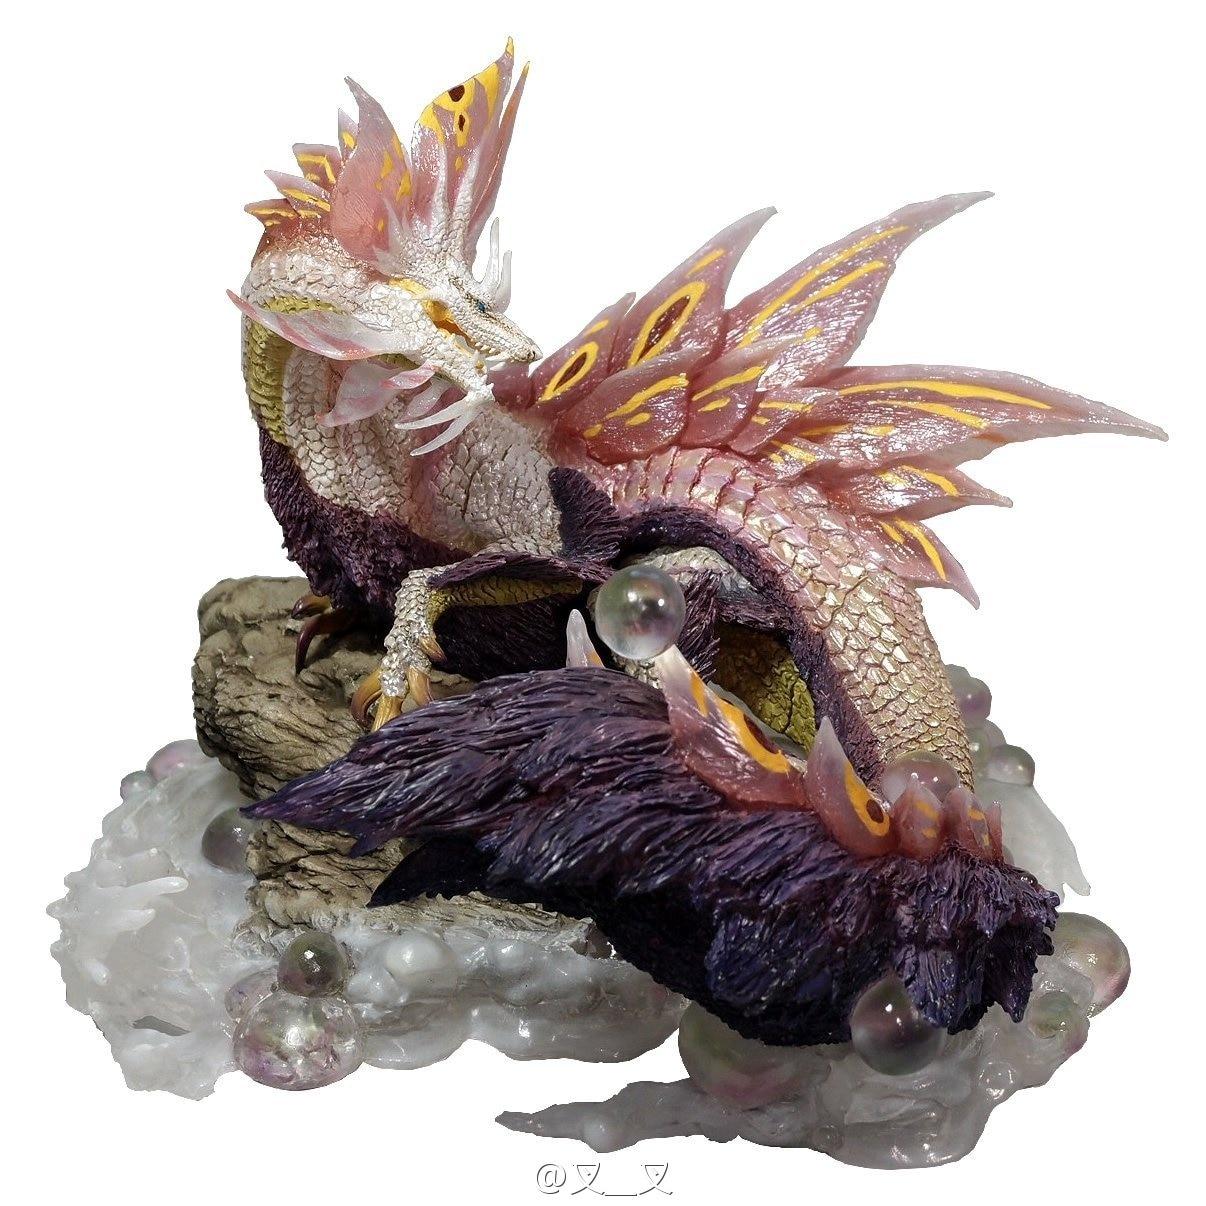 Nouvelle Offre Spéciale Résine Capcom BFC Monster Hunter Bulle maquette de dragon Cadeau Décoration De Bureau Collection Jouet Funko Pop Lol